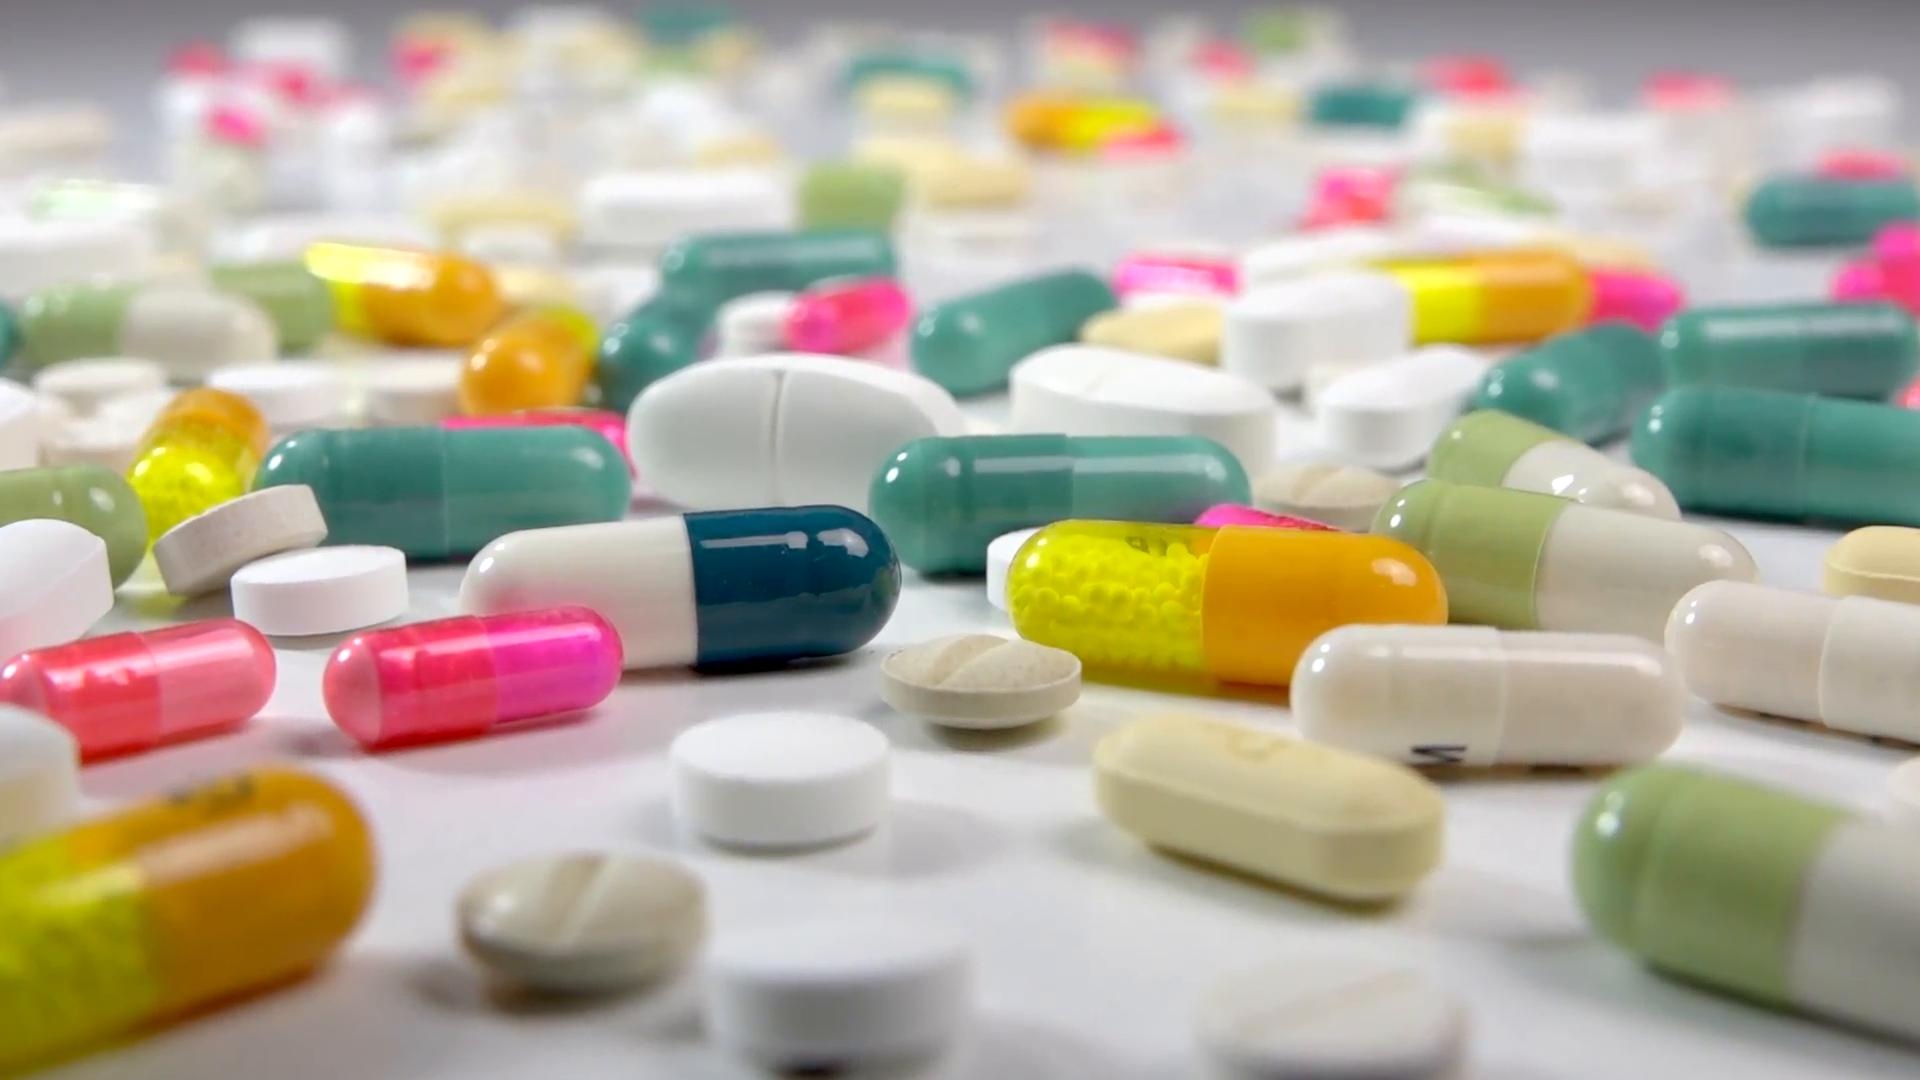 یک دارو ضدویروس در آبادان سبب بهبود حال مبتلایان به کرونا شد